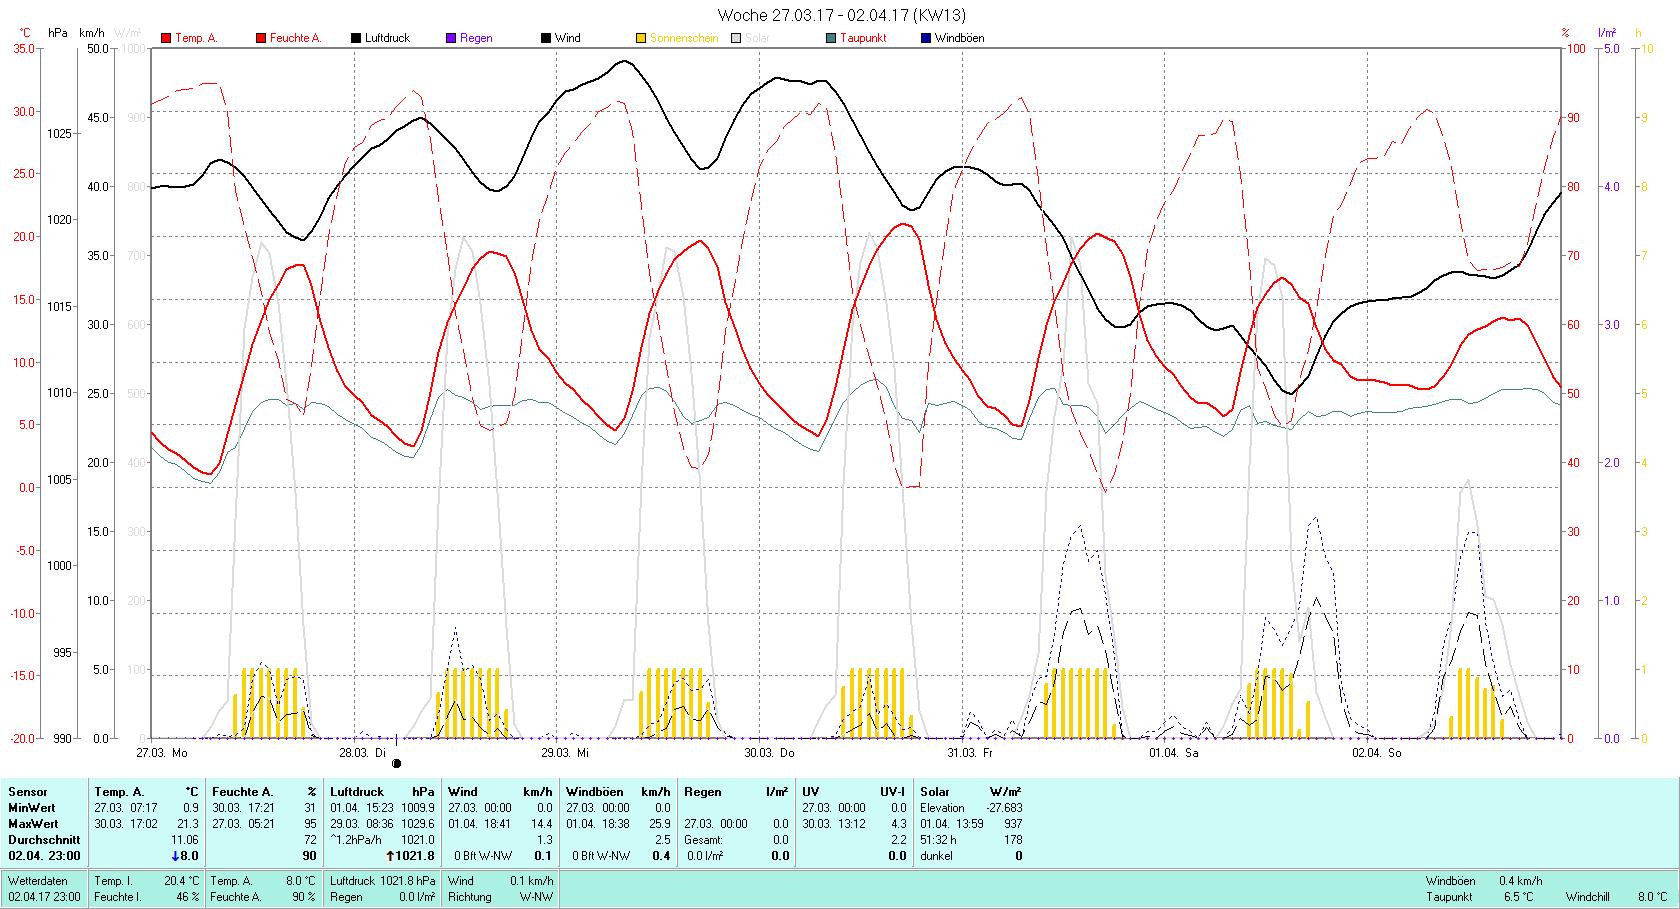 KW 13 Tmin 0.9°C, Tmax 21.3°C, Sonne 51:32h, Niederschlag 0.0mm/2